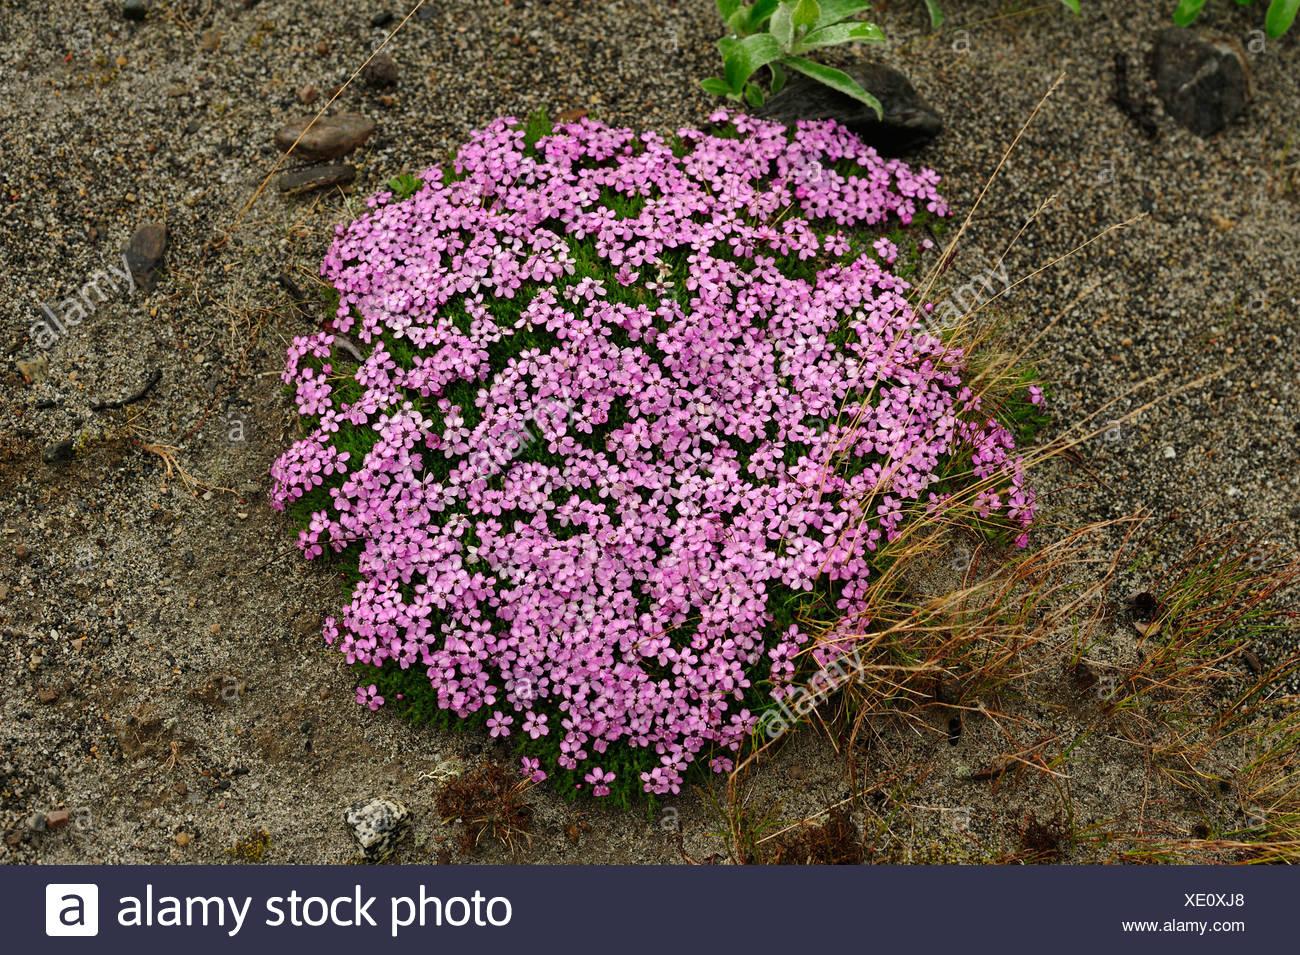 Cushion Pink Silene Acaulis Caryophyllaceae Cushion Flower